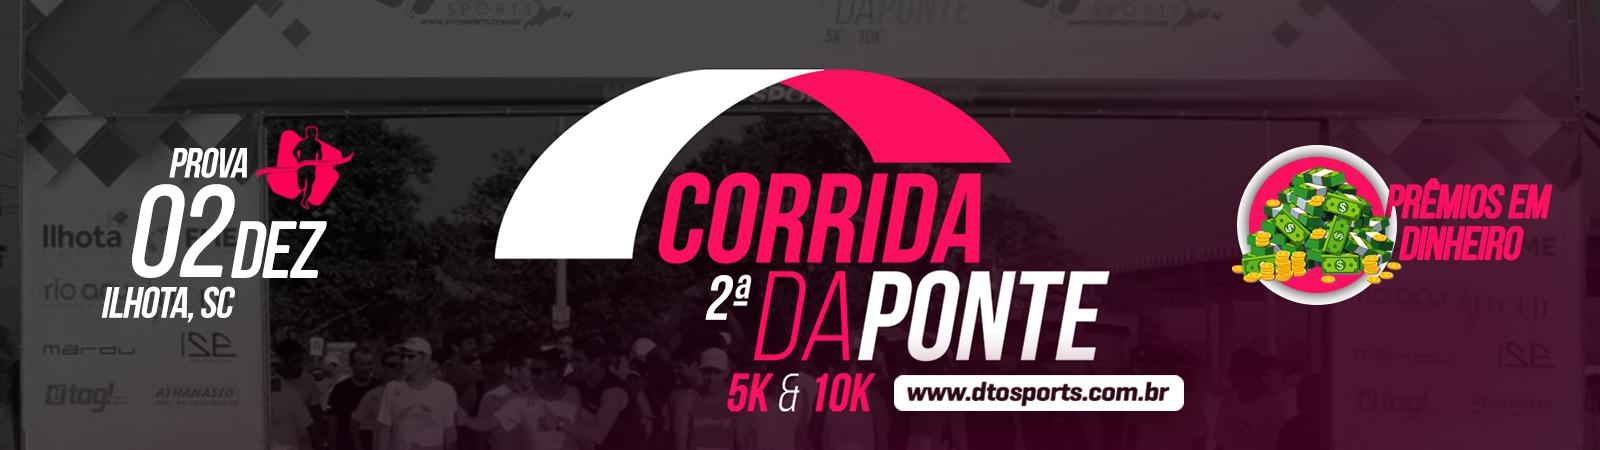 CORRIDA DA PONTE DE ILHOTA - Imagem de topo